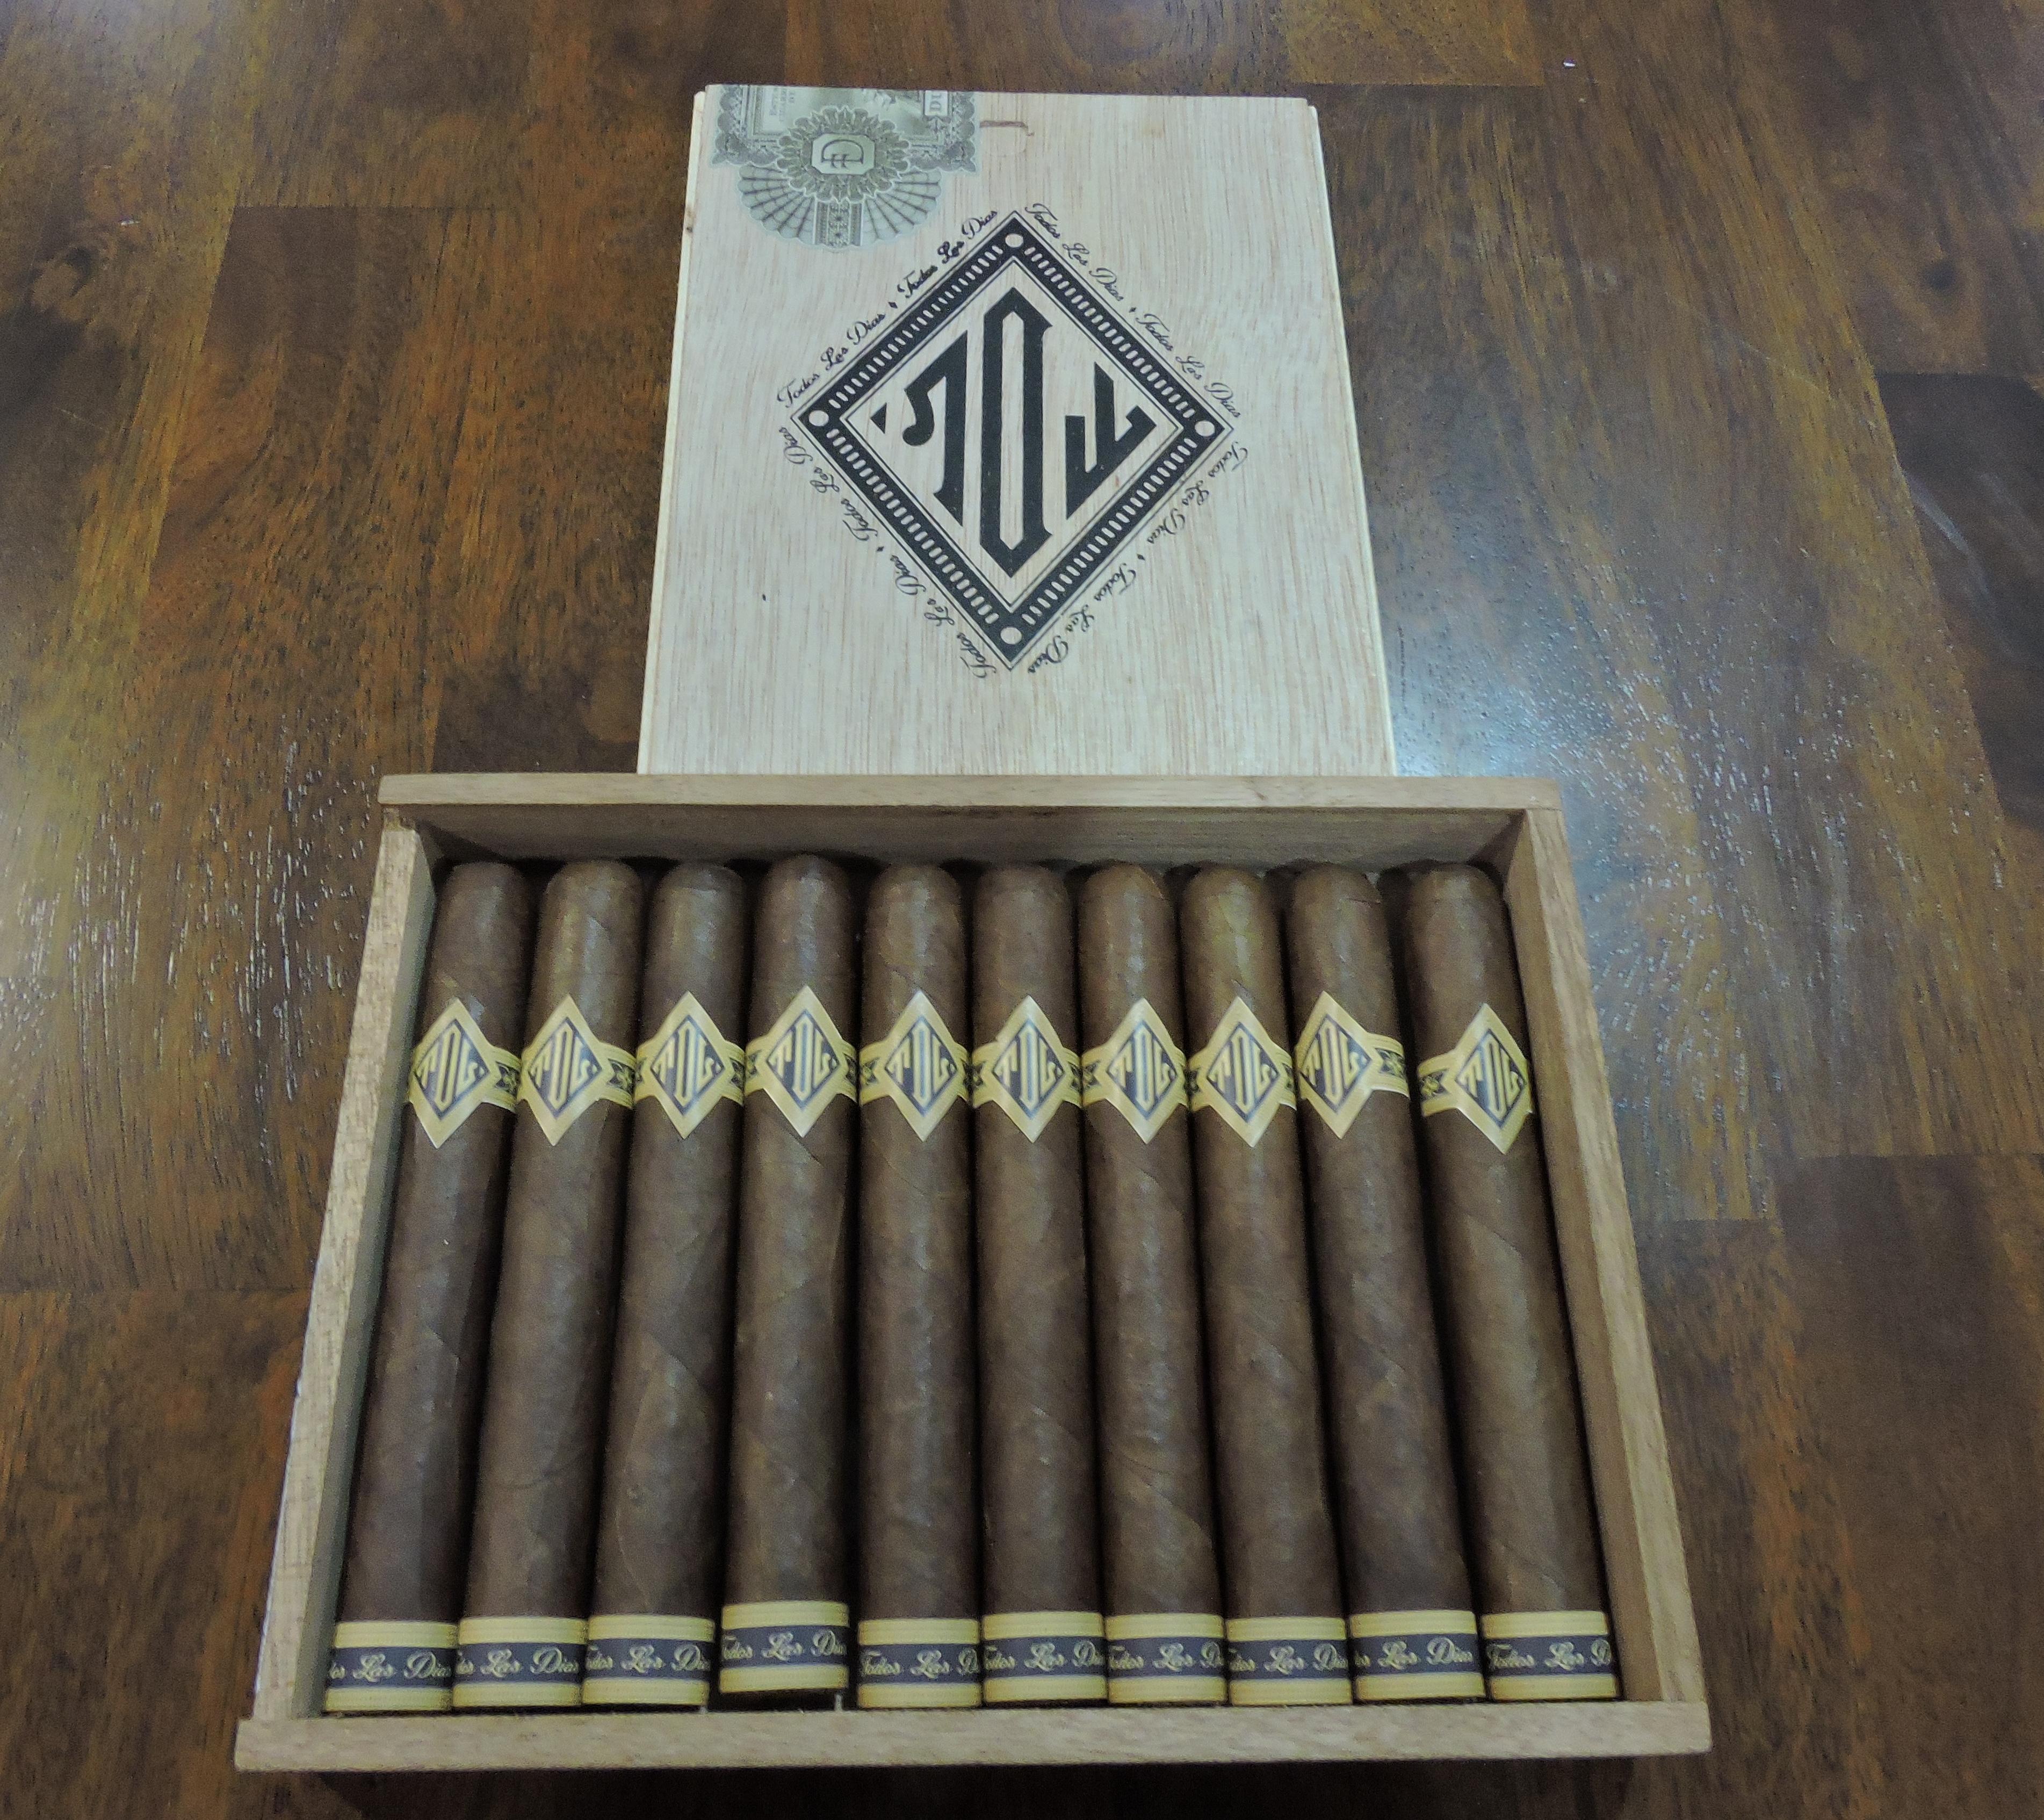 Dunbarton_Tobacco_and_Trust_Todos_Las_Dias